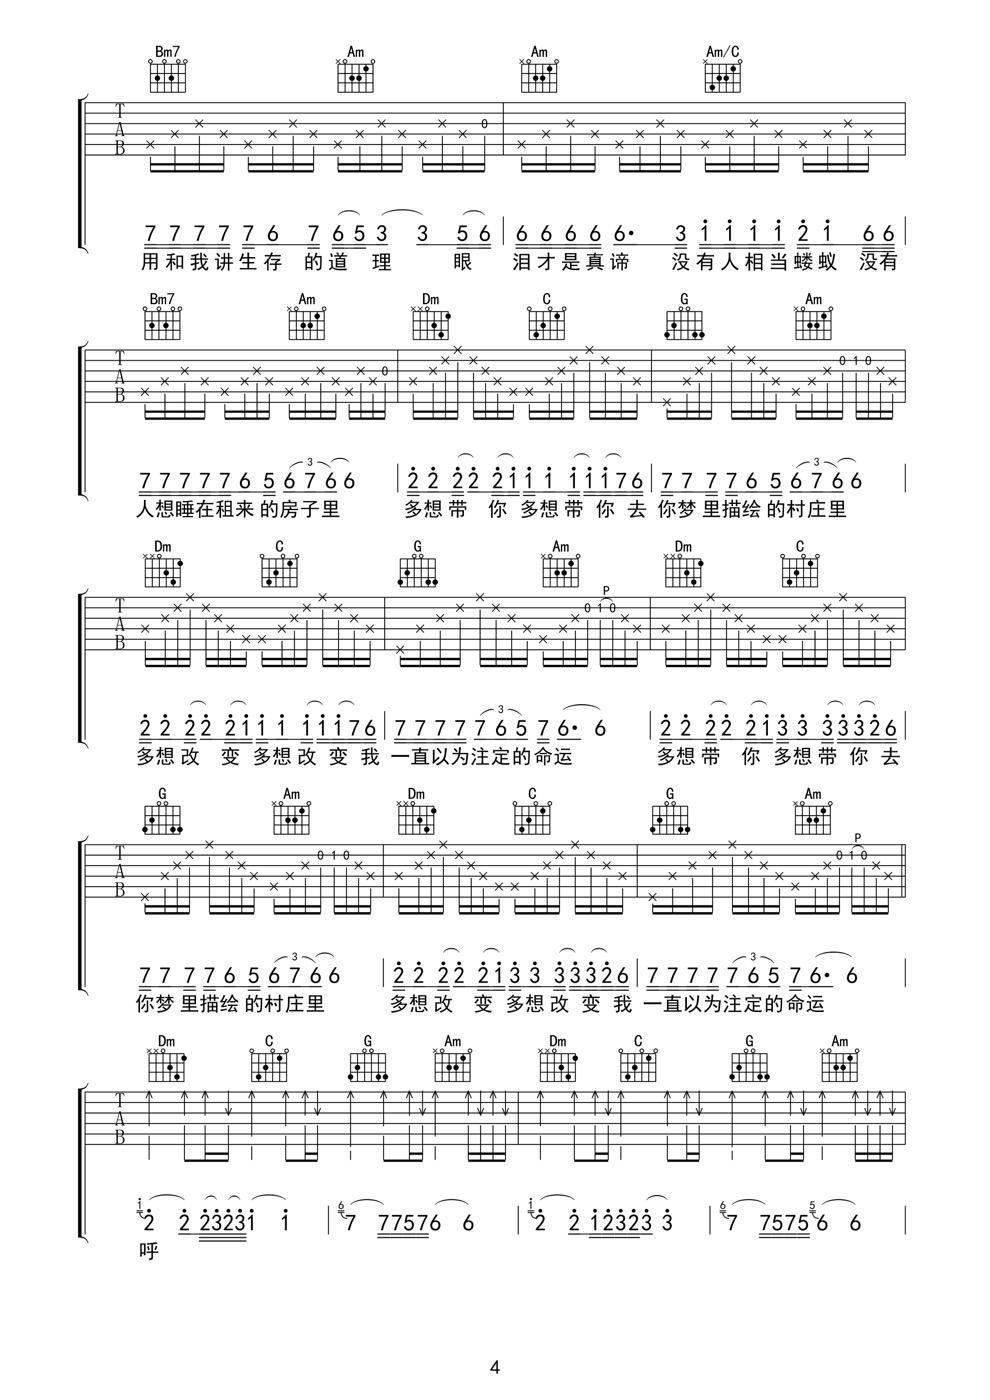 《明天》吉他谱 - 赵雷大事发声Live - 谱/王曲-C大调音乐网